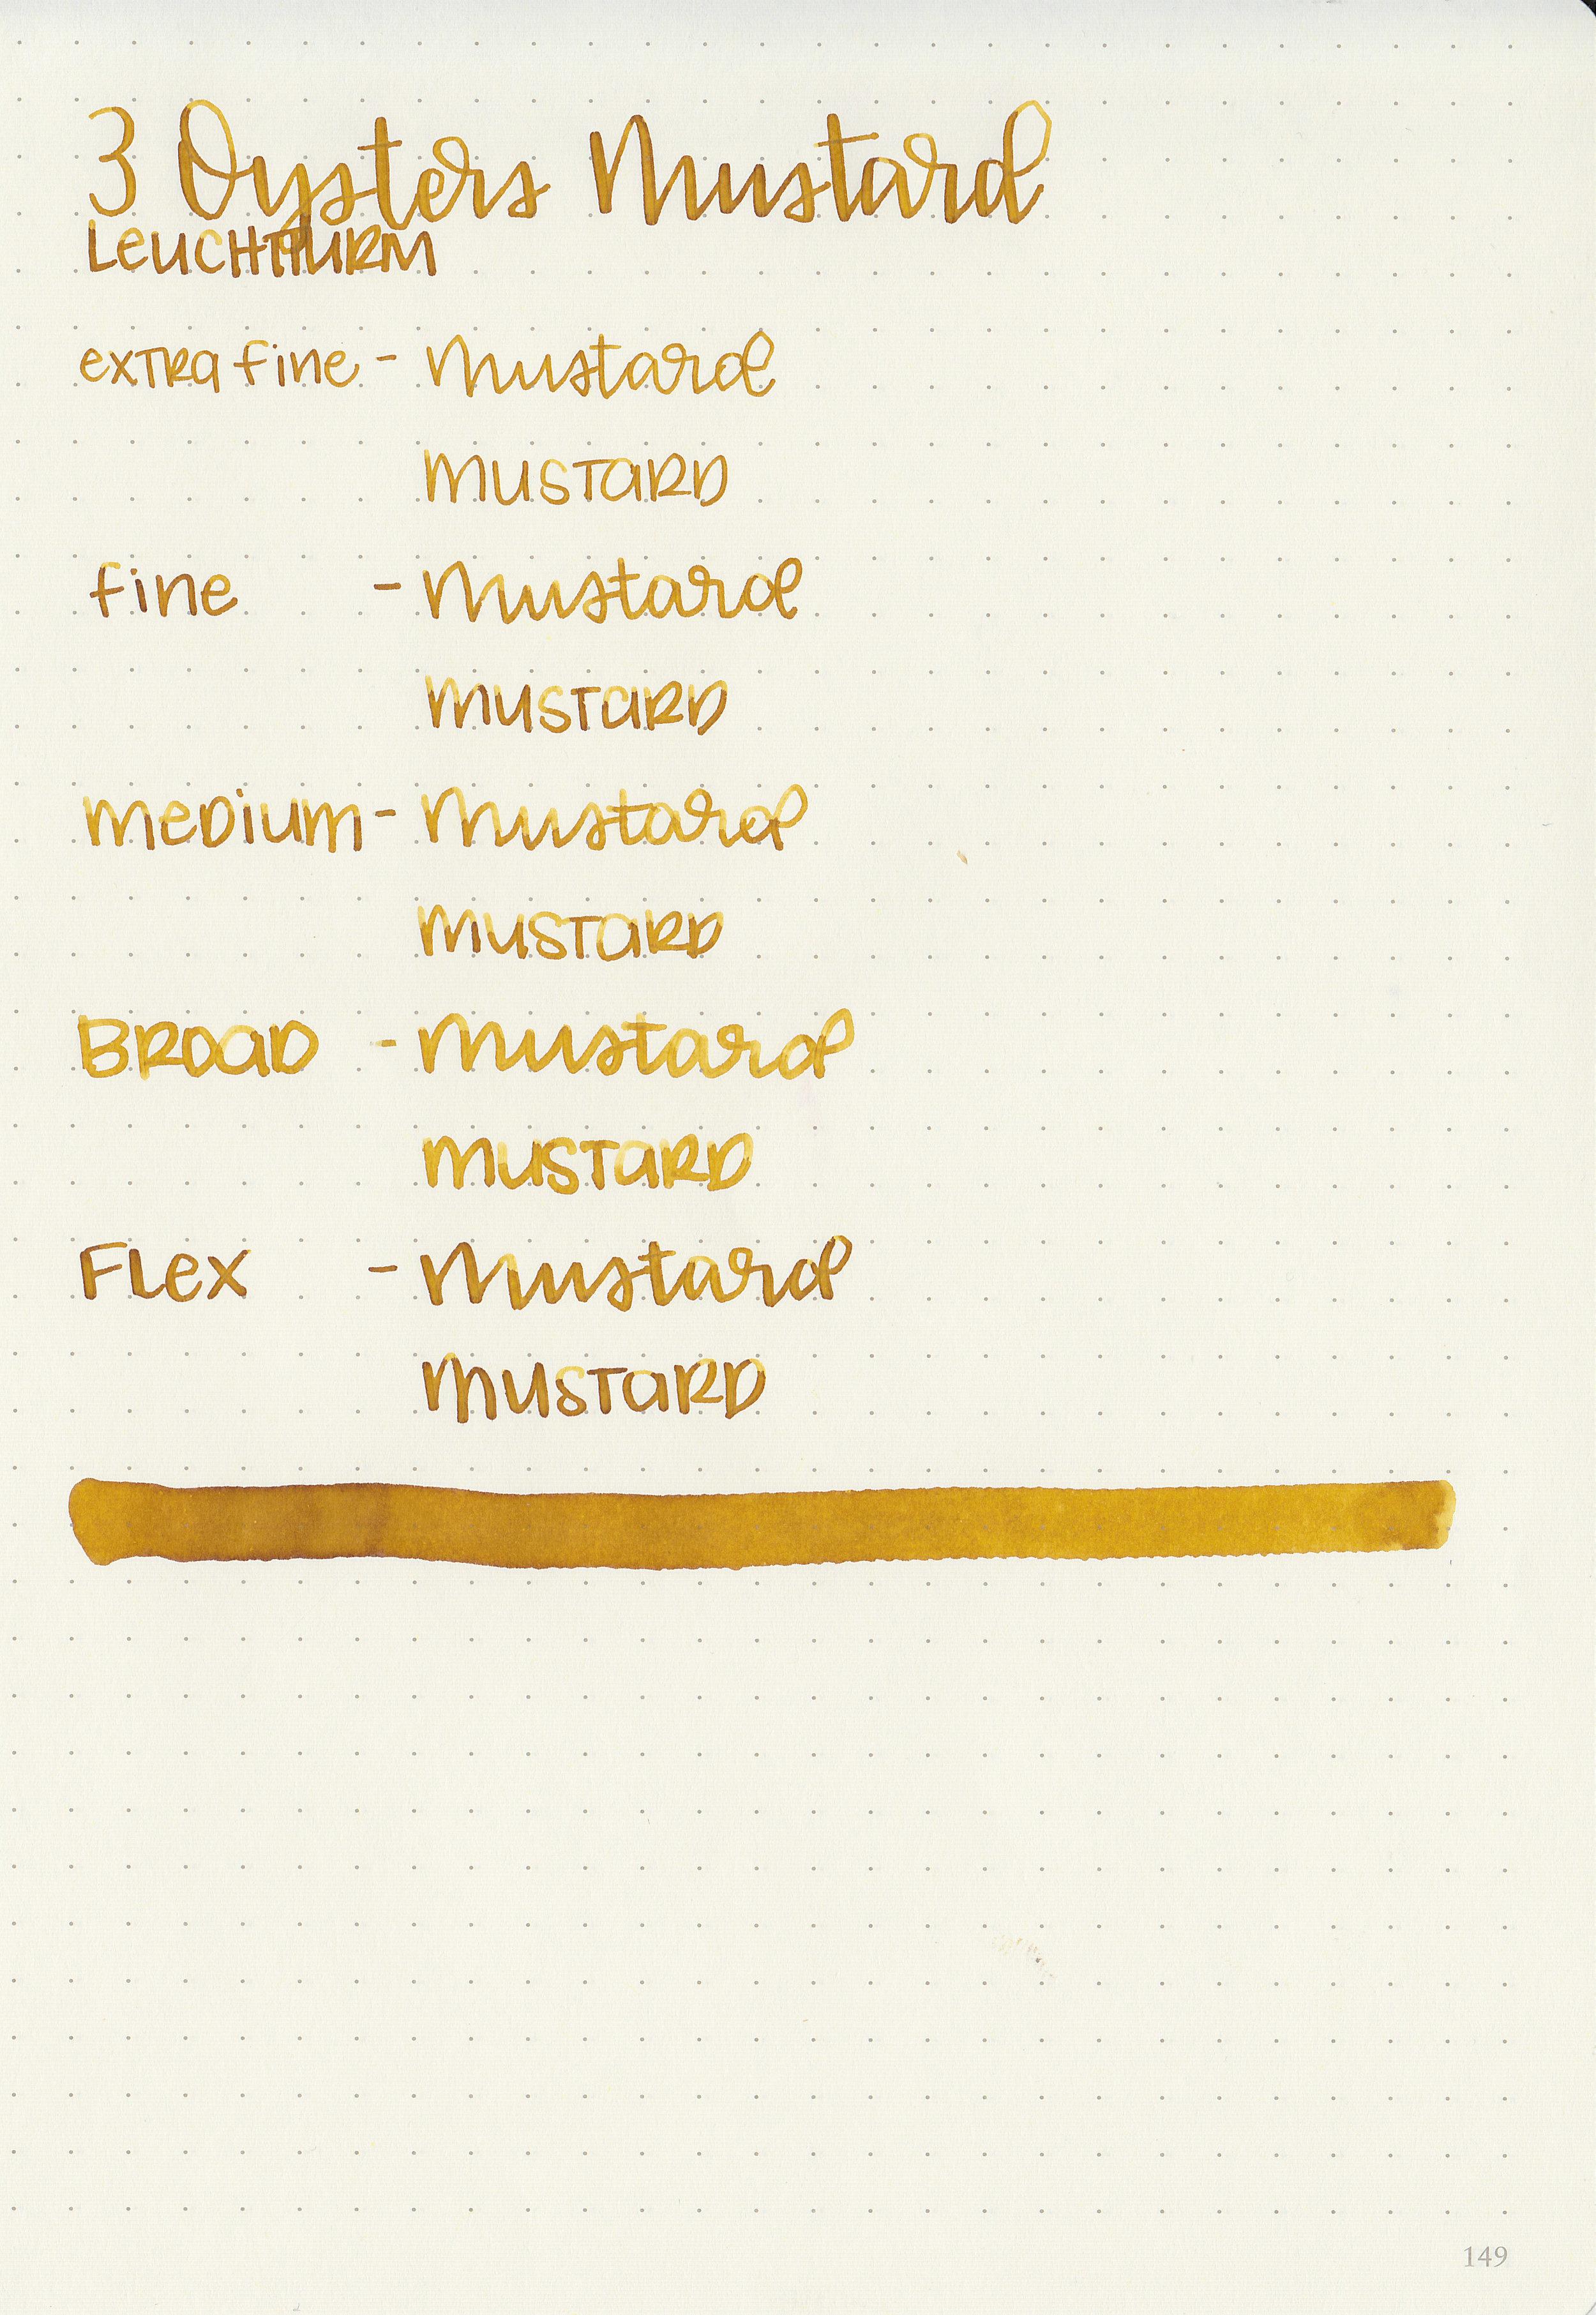 3o-mustard-9.jpg